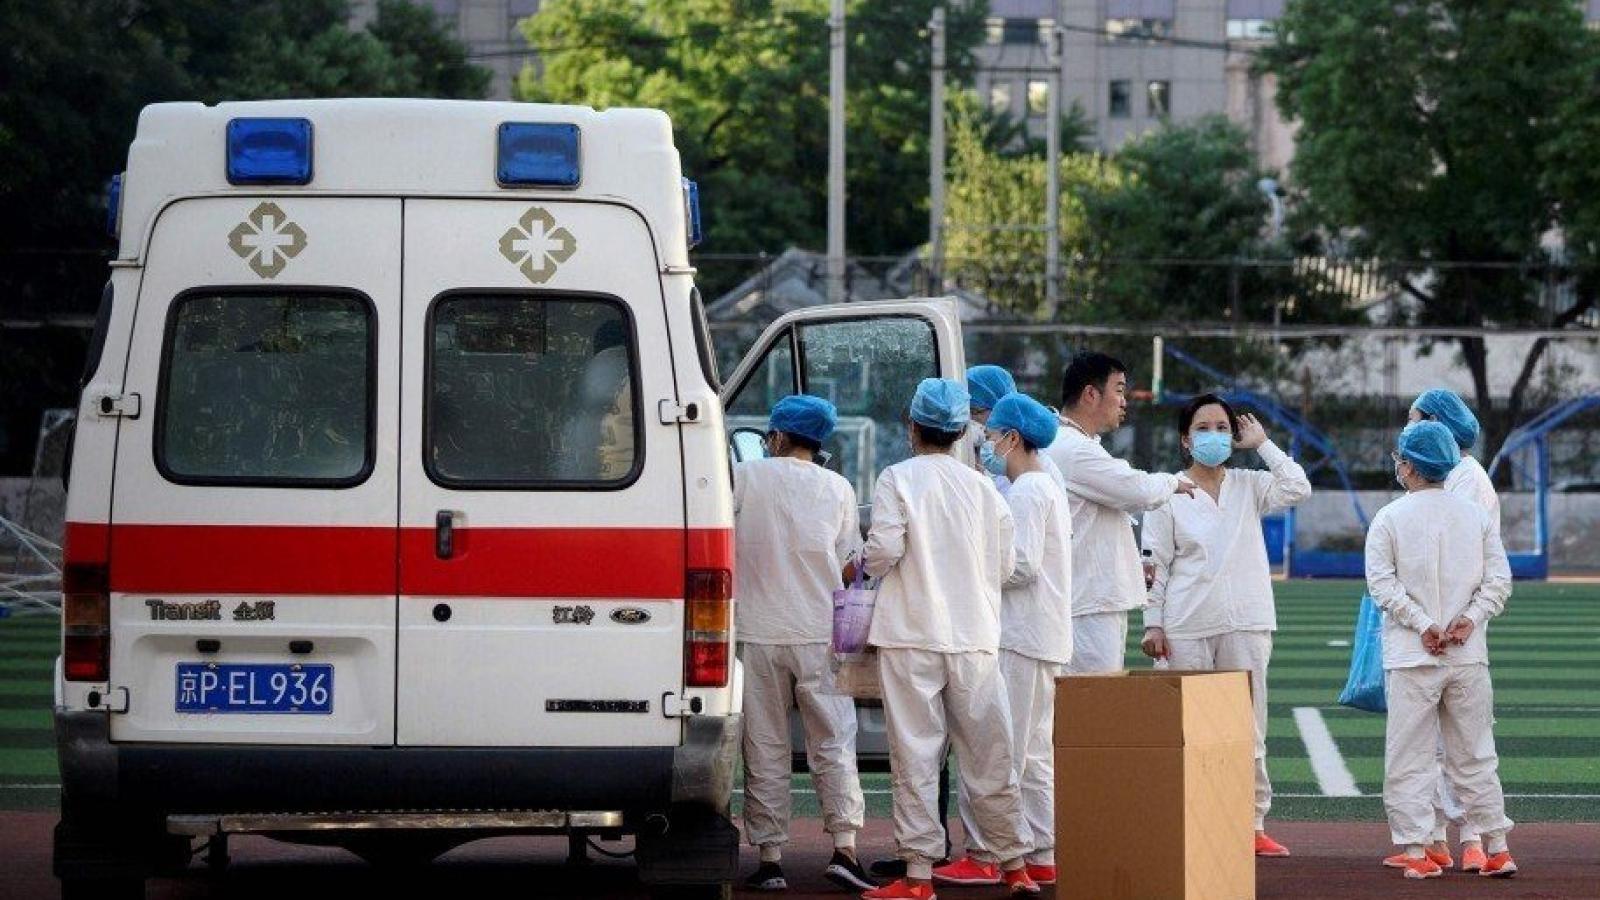 Bắc Kinh đặt mục tiêu xét nghiệm Covid-19 với 1 triệu người mỗi ngày